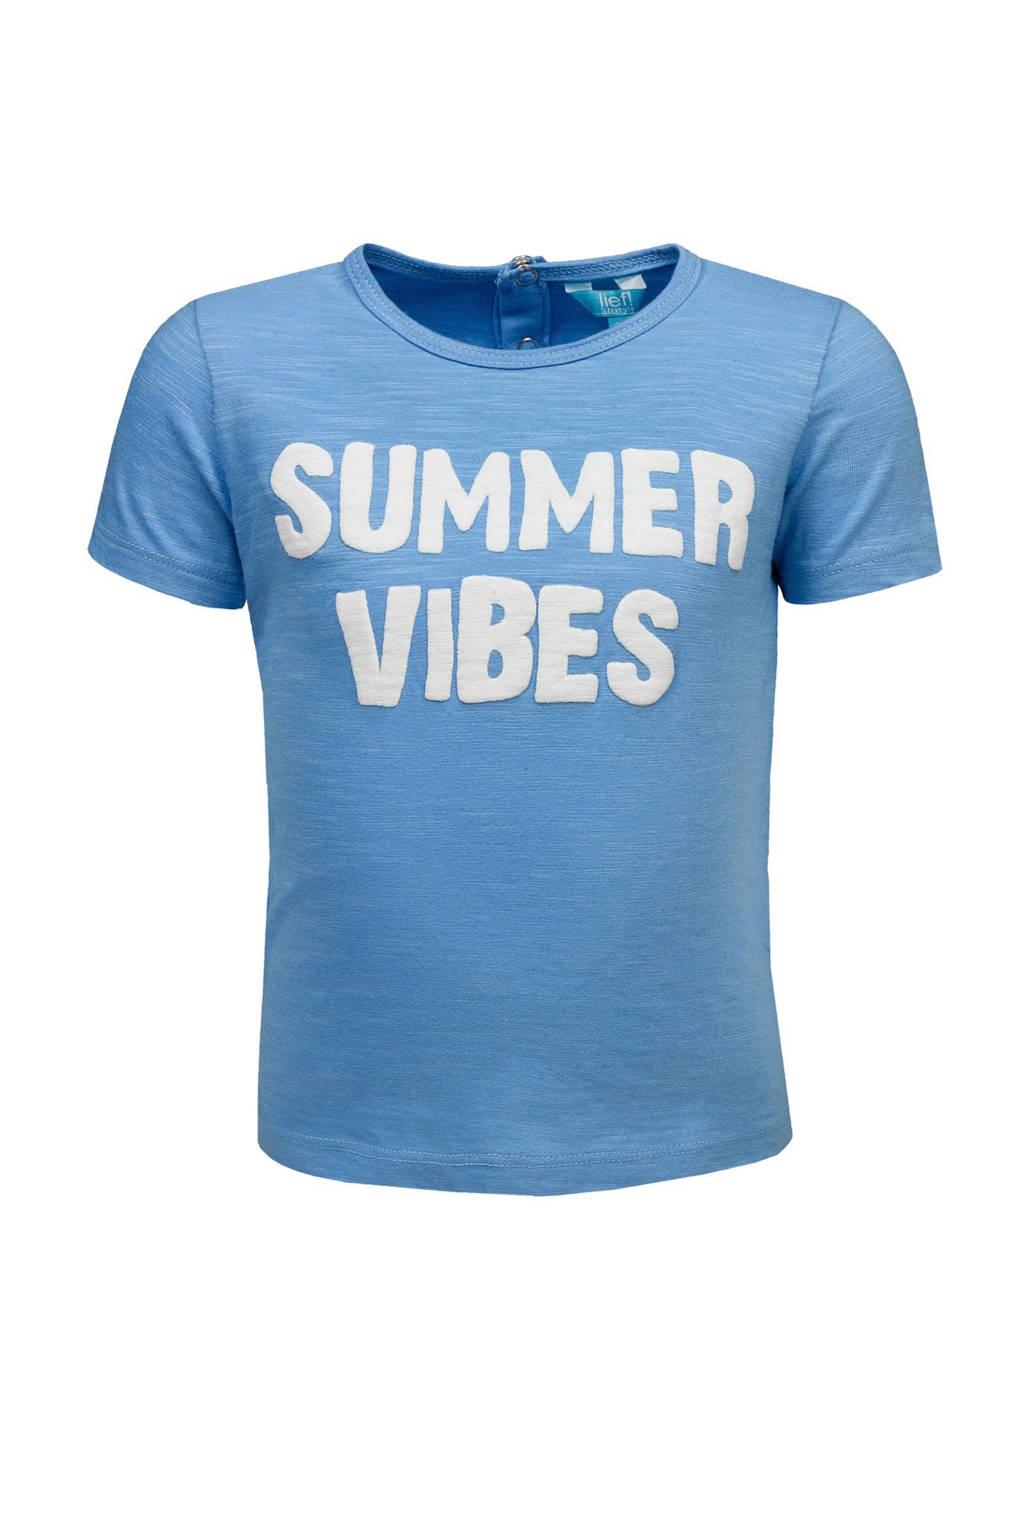 lief! T-shirt met tekst lichtblauw, Lichtblauw melange